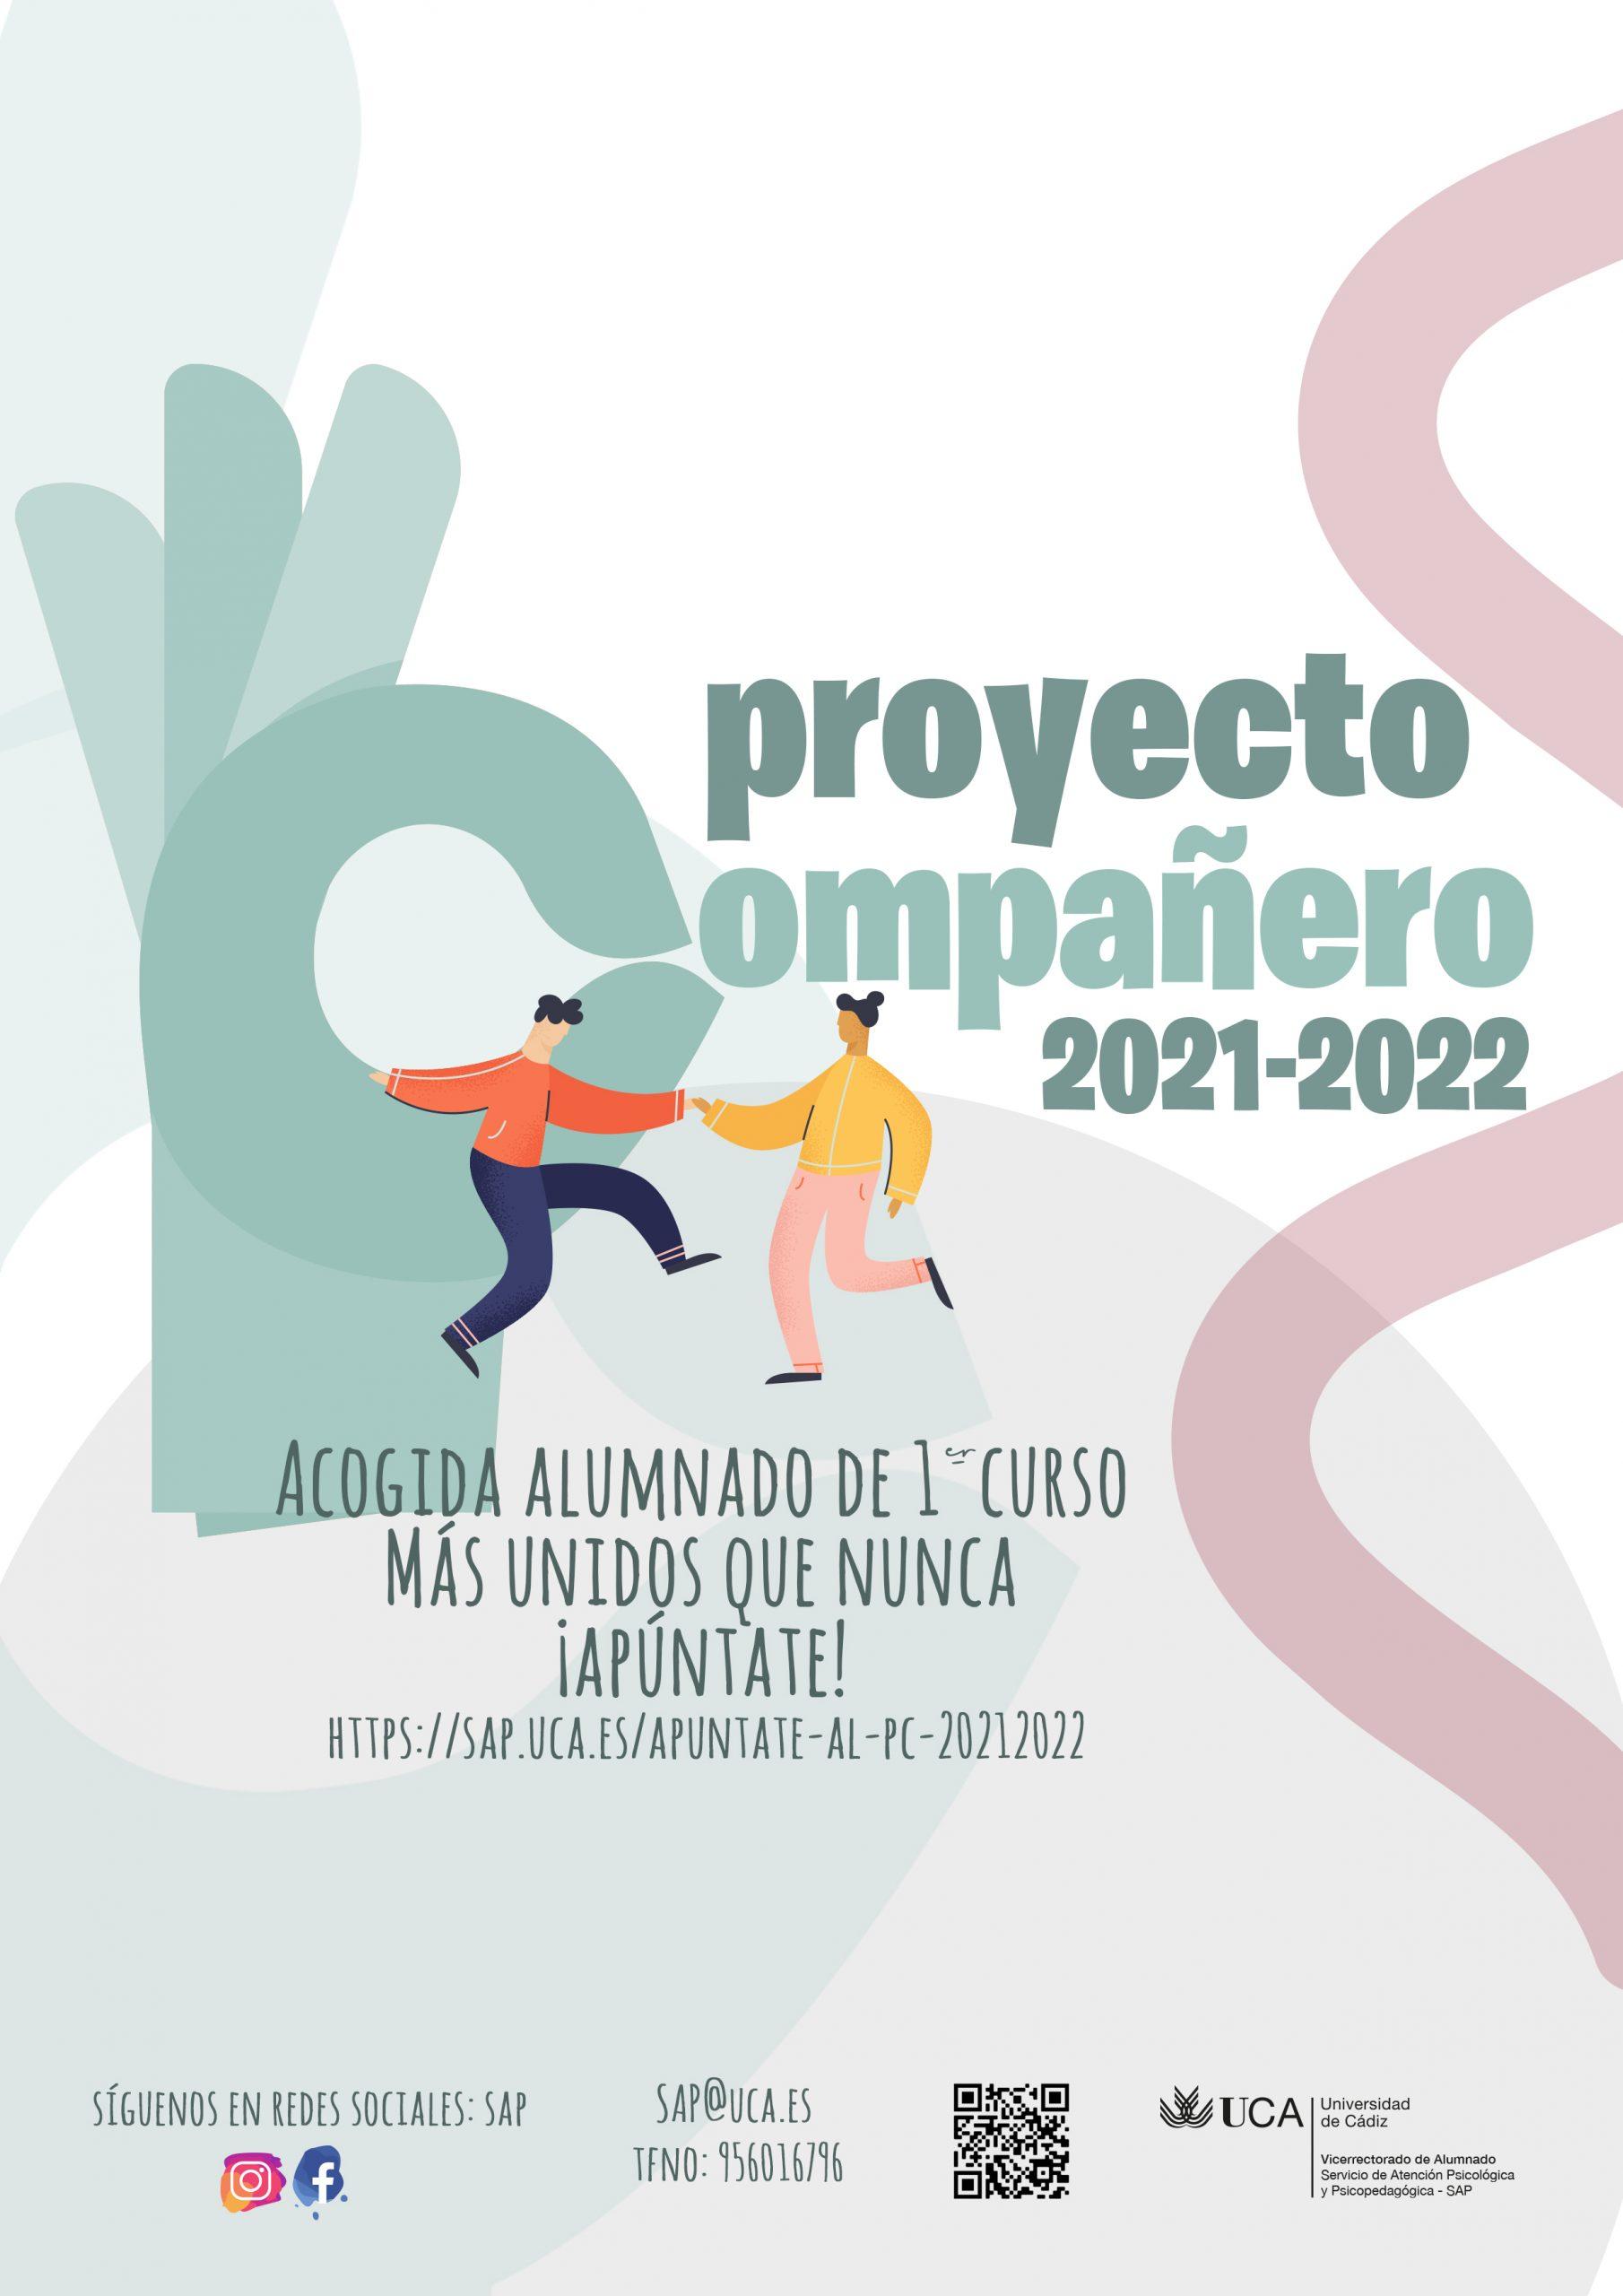 Proyecto Compañero 2021-22